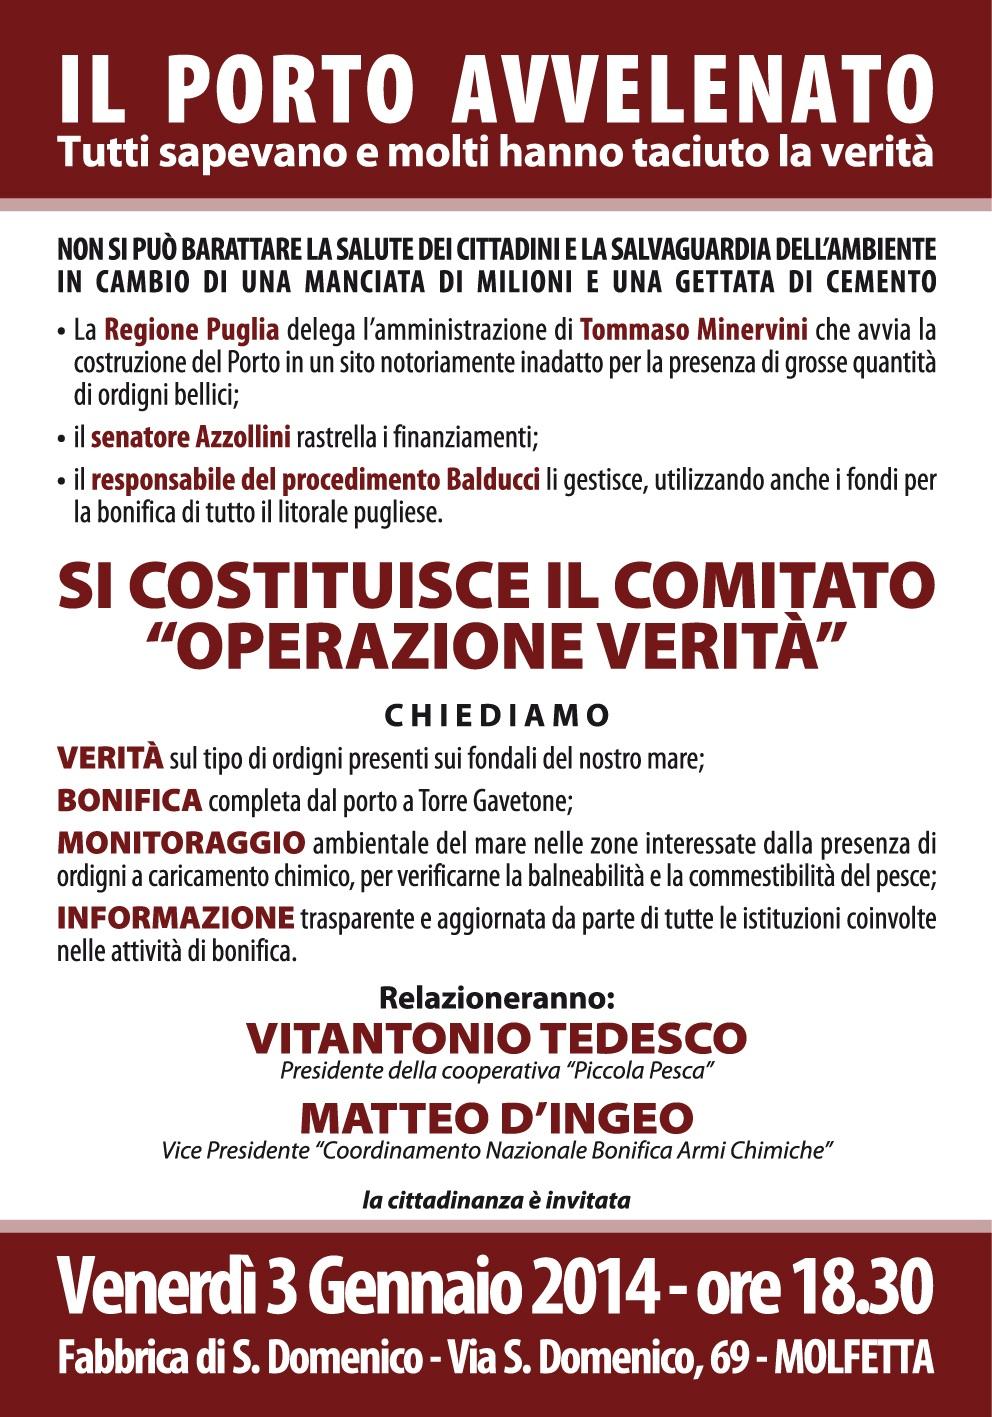 Convegno COMITATO 3.01.2014